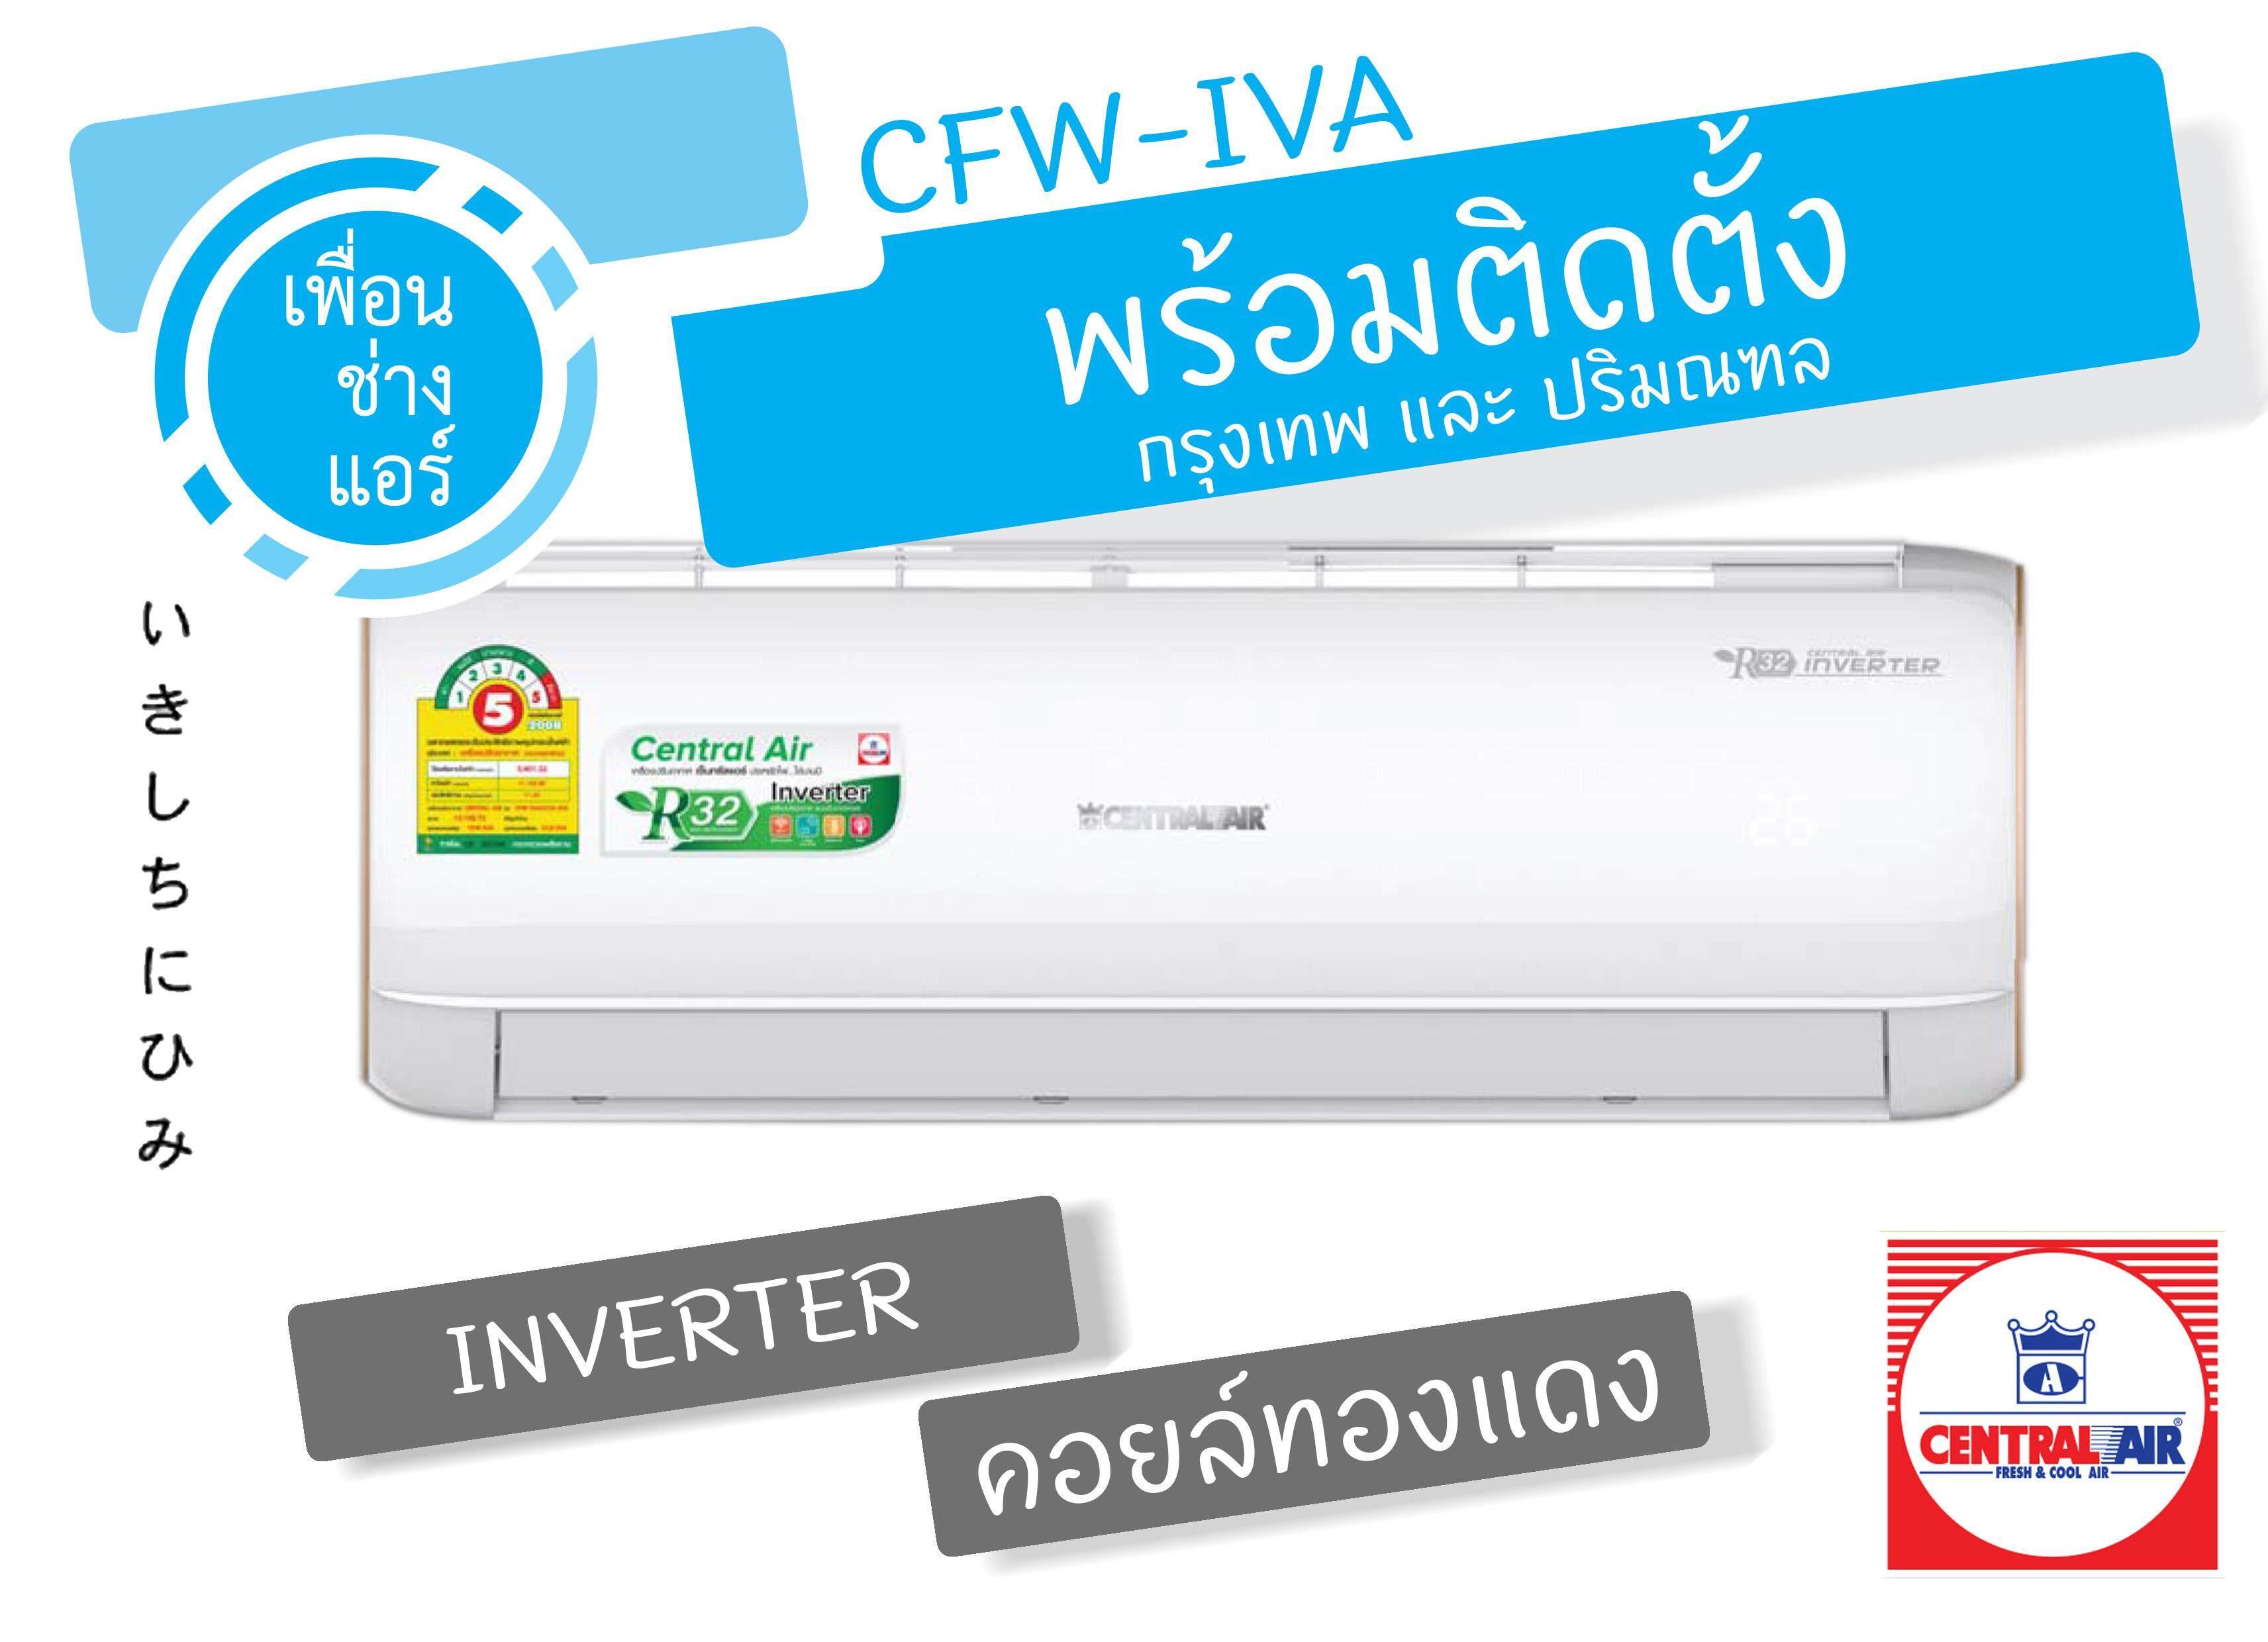 *พร้อมติดตั้ง* Central Air Inverter แอร์ติดผนัง 25,000 BTU. รุ่น CFW-IVA กทม.และปริมณฑล